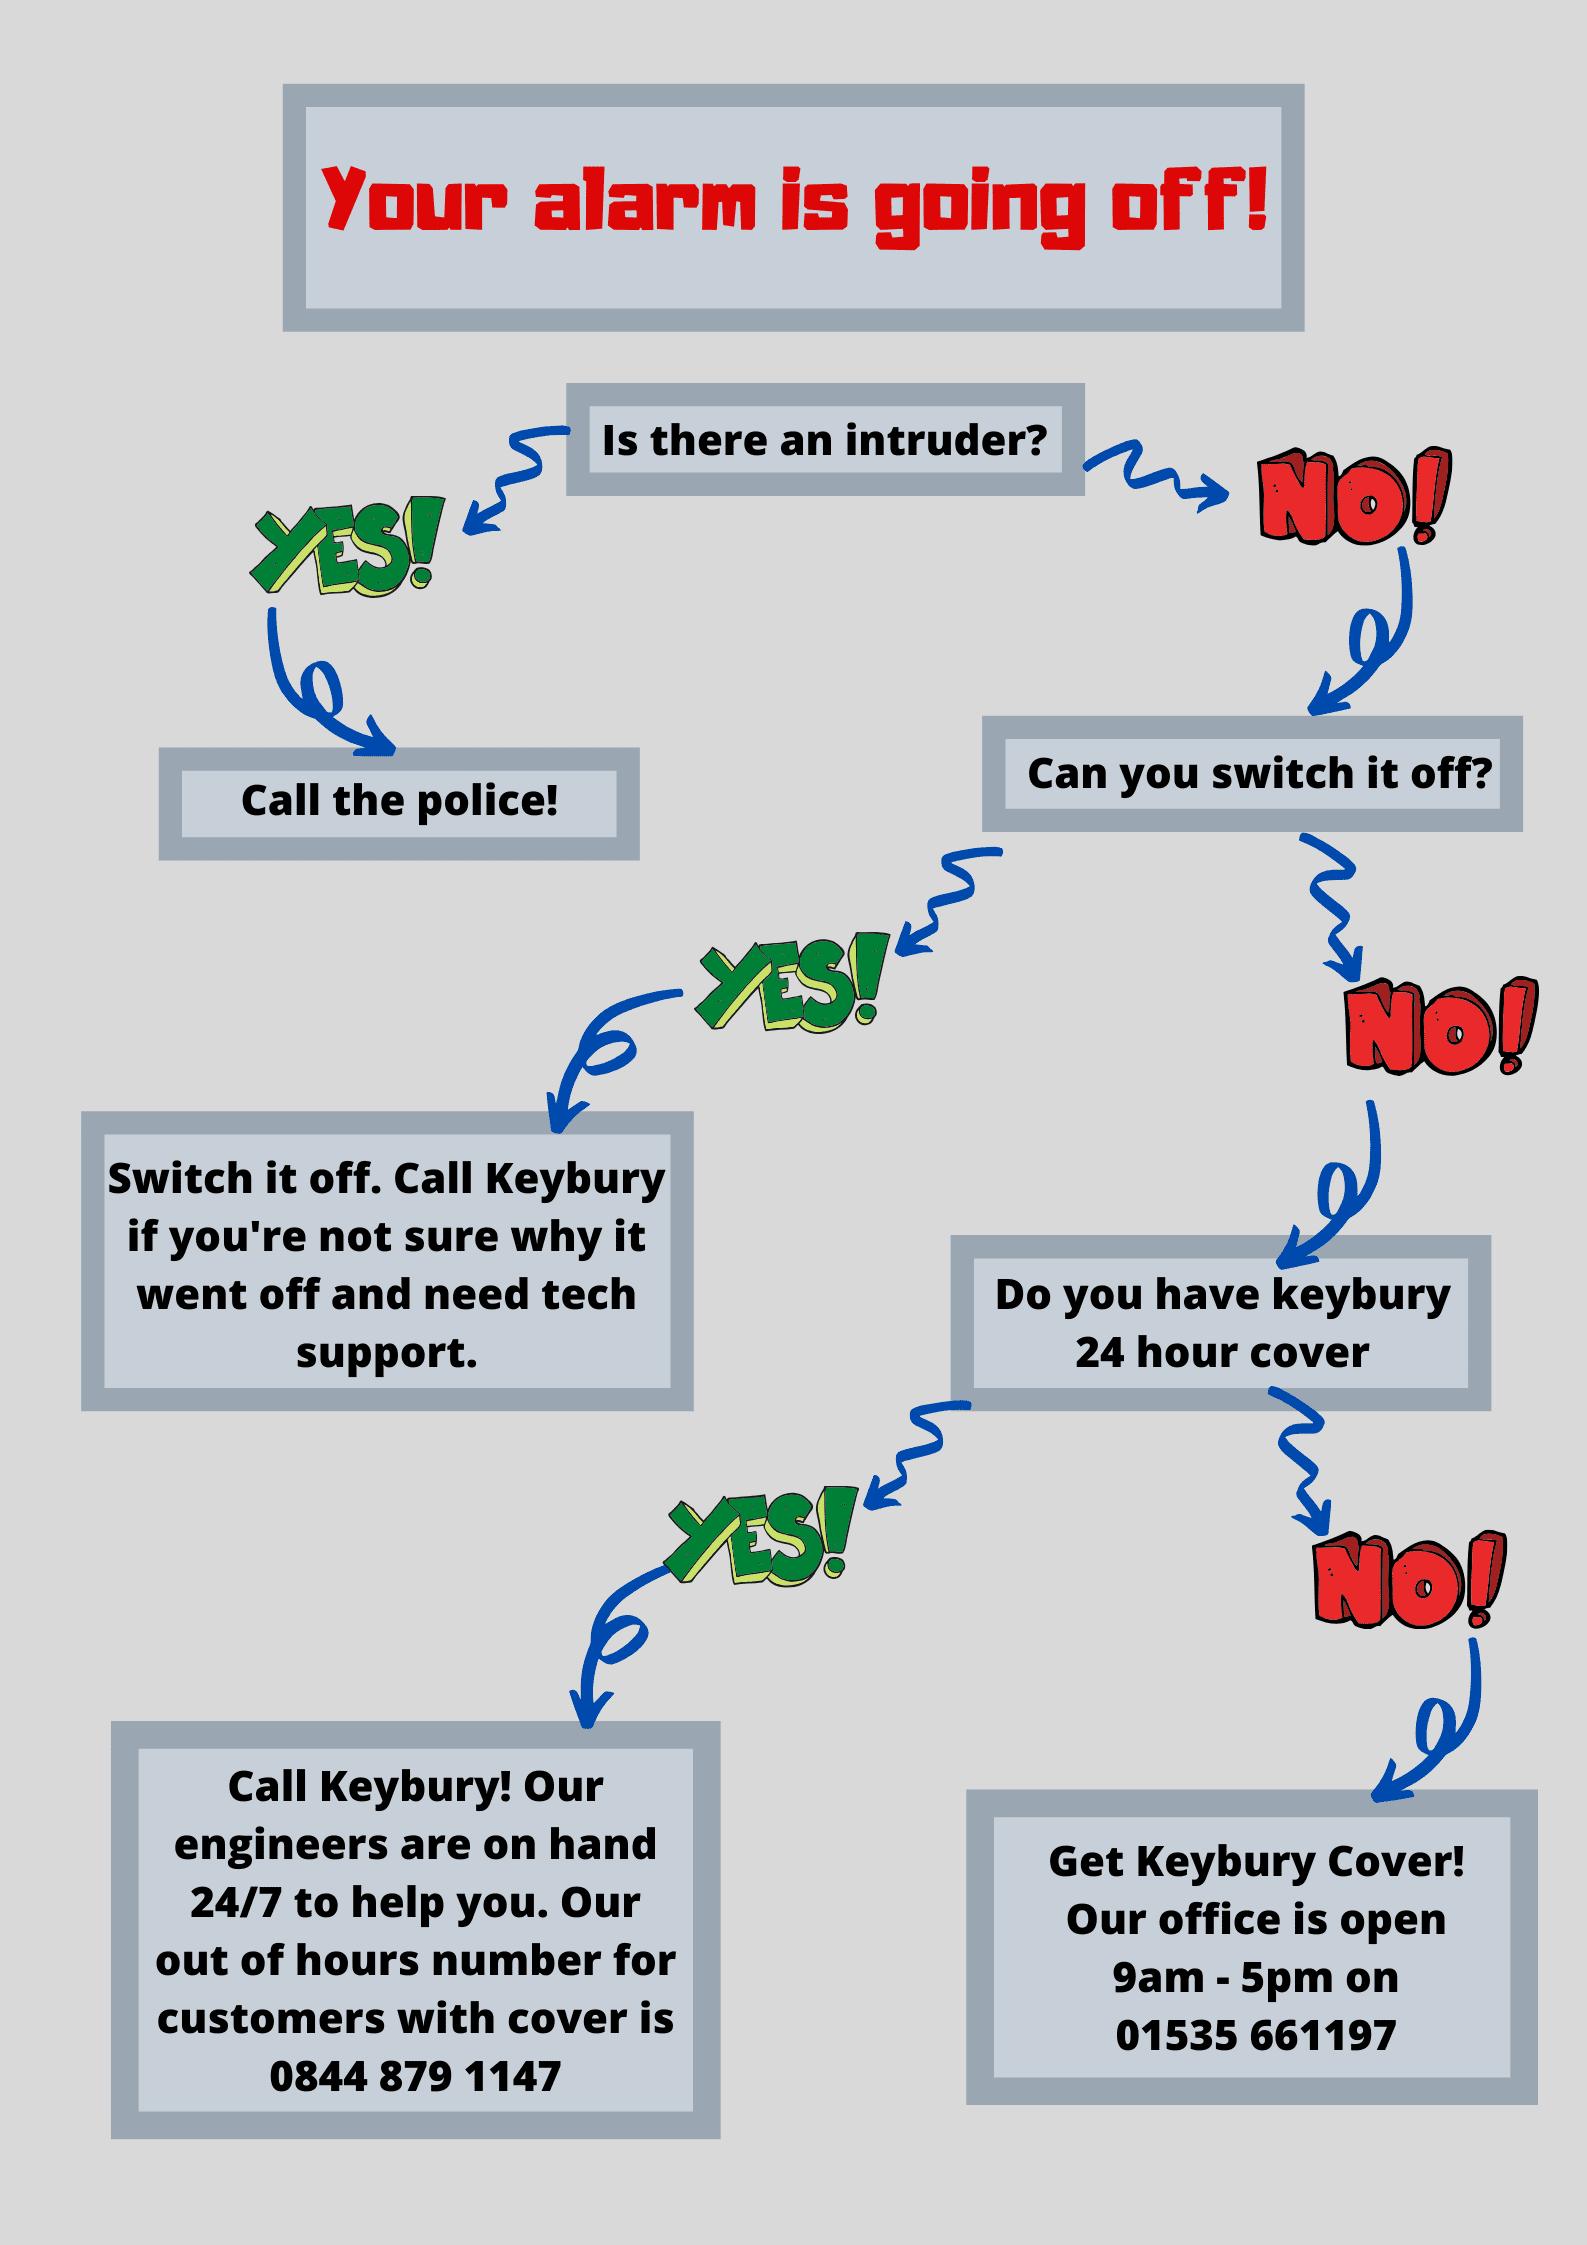 hosue alarm going off flow chart